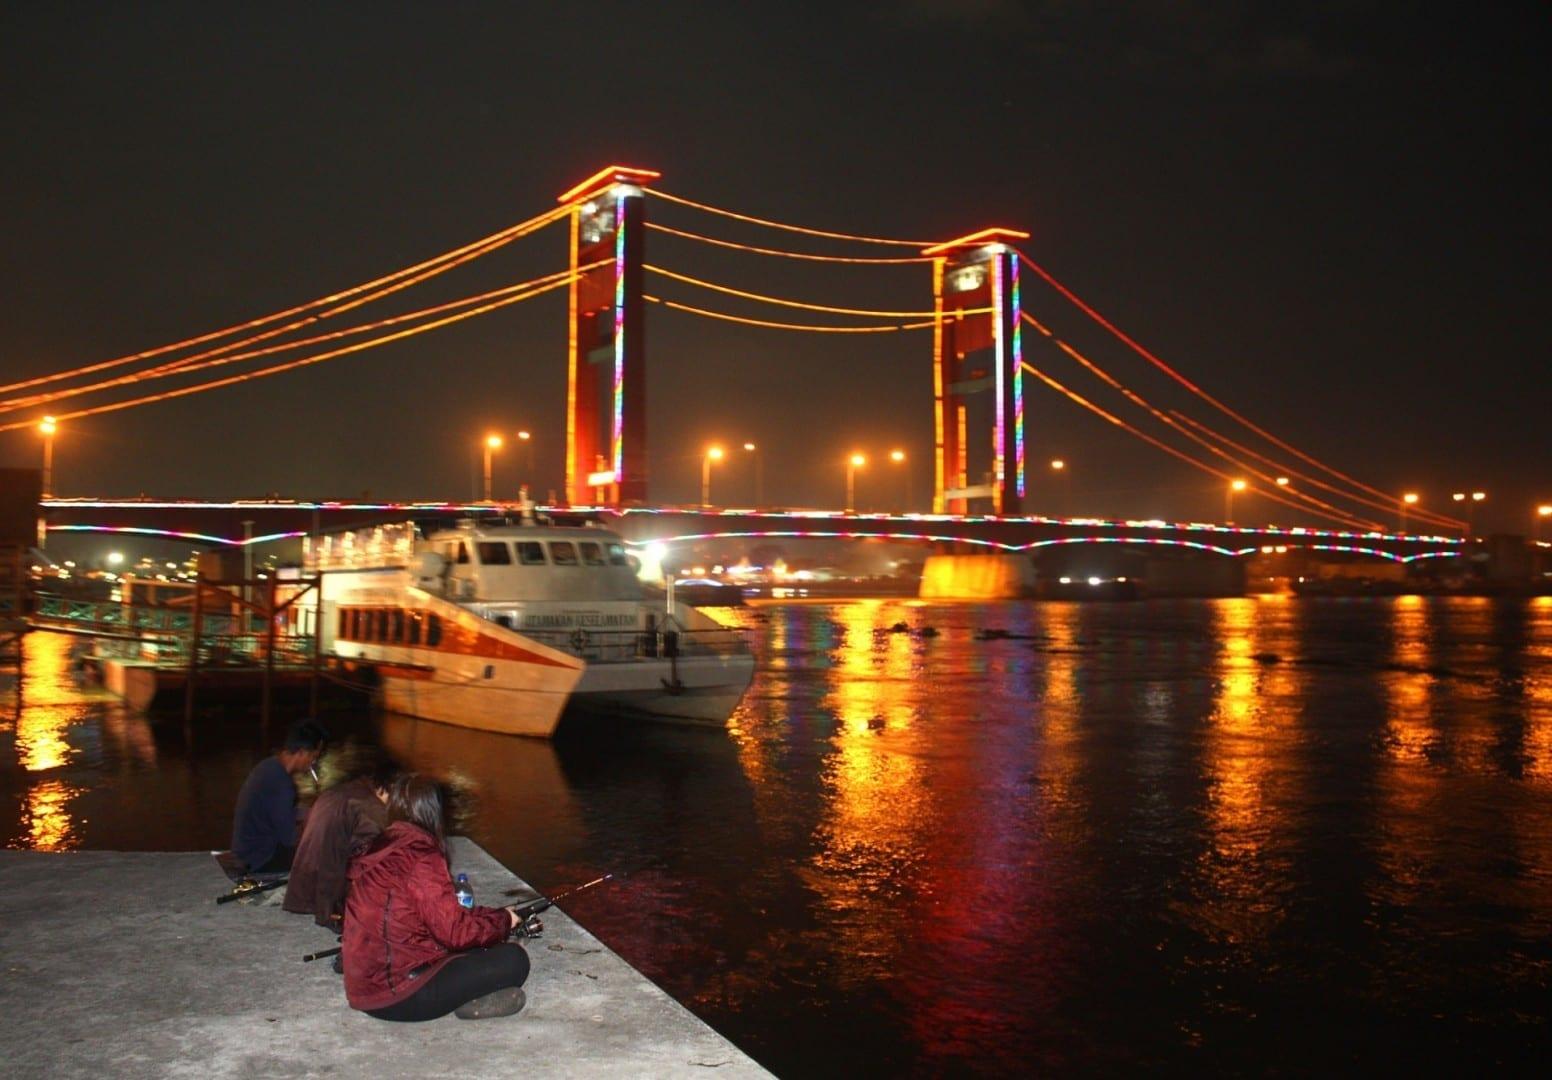 El puente Ampera de noche Palembang Indonesia